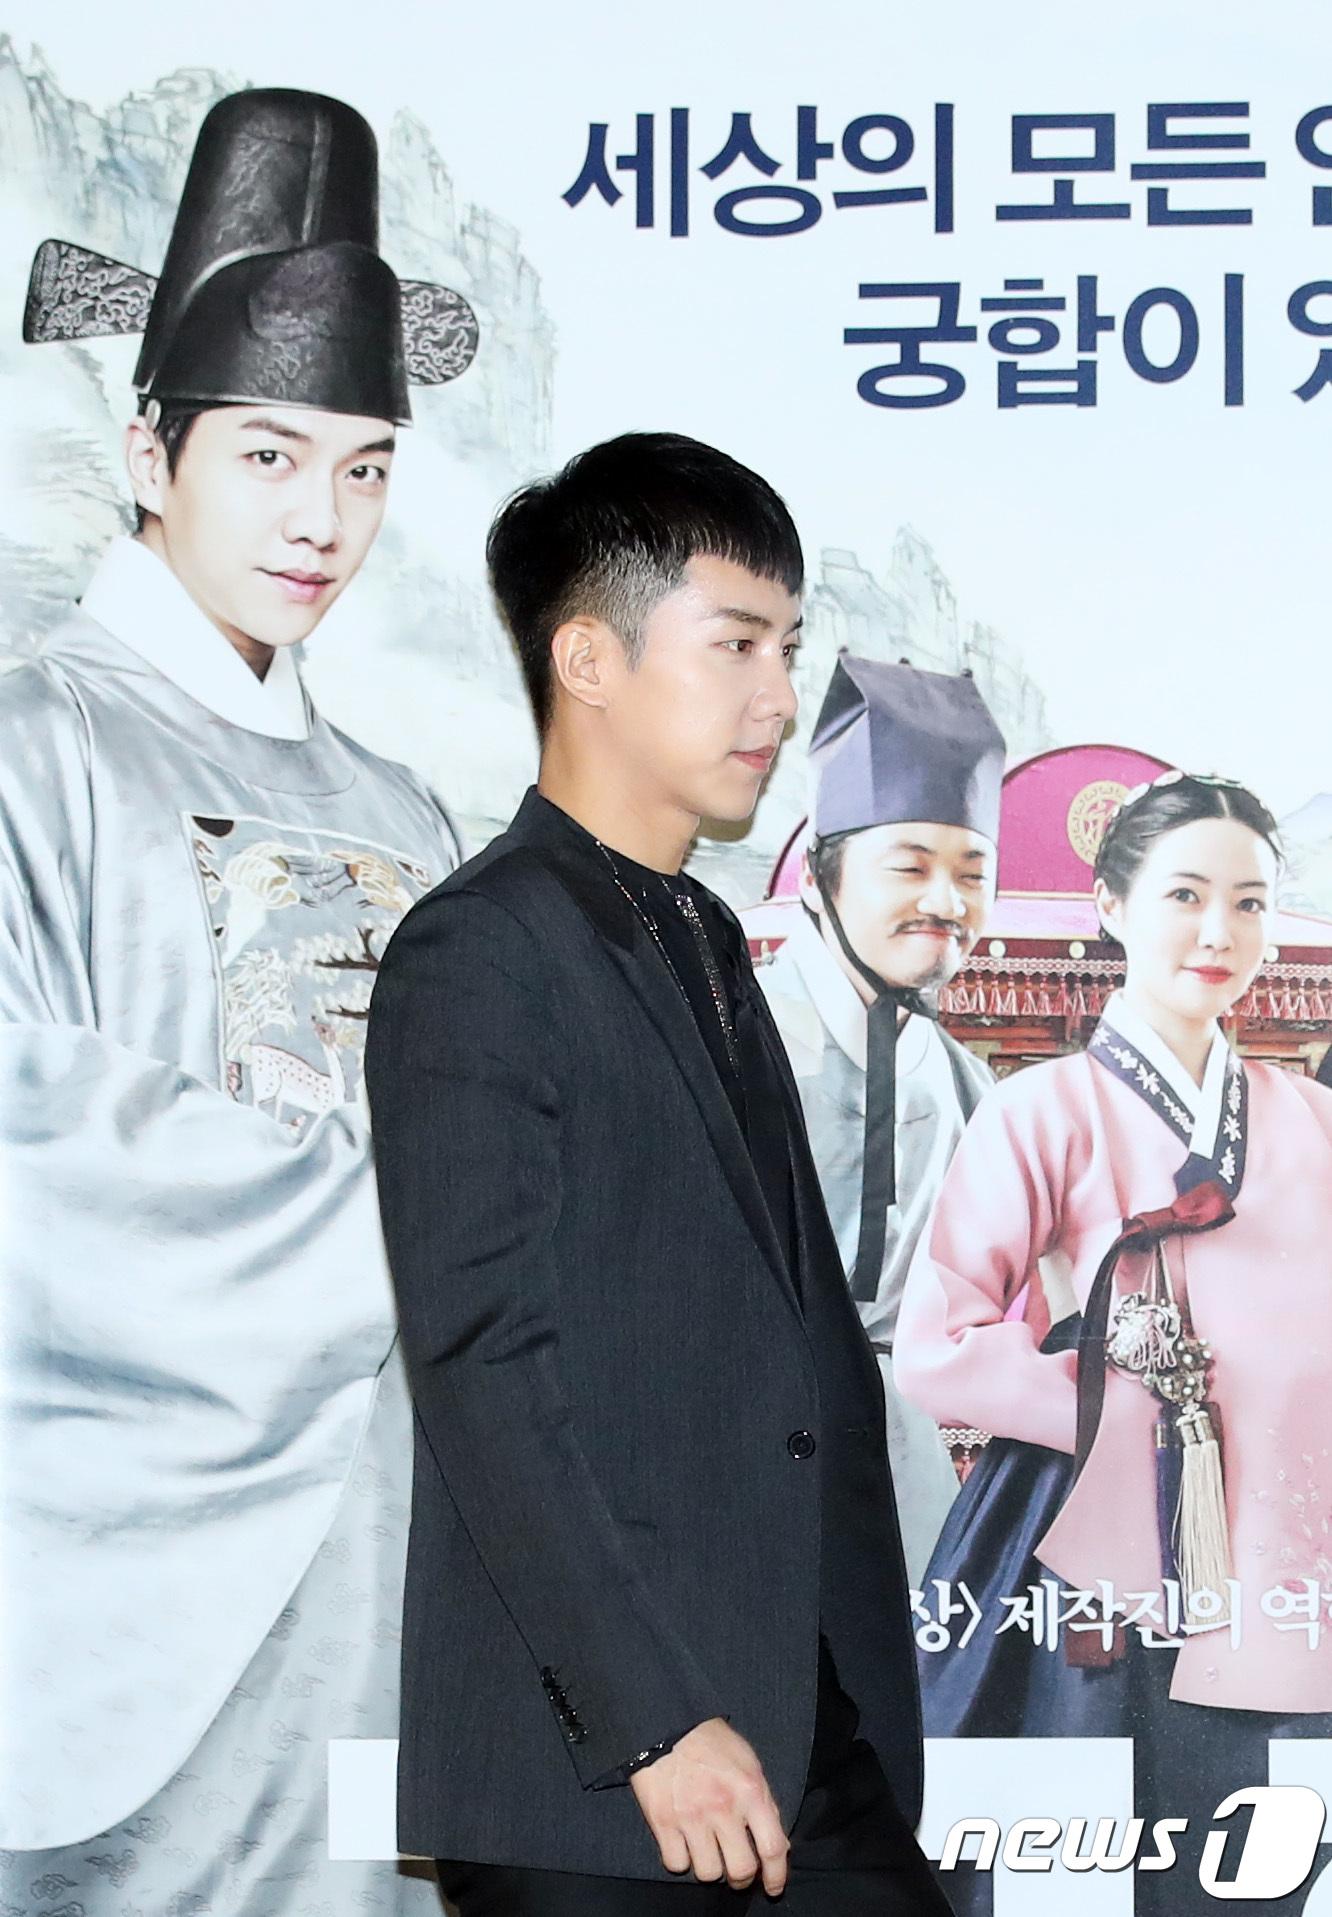 '궁합' 이승기, '최고의 역술가'